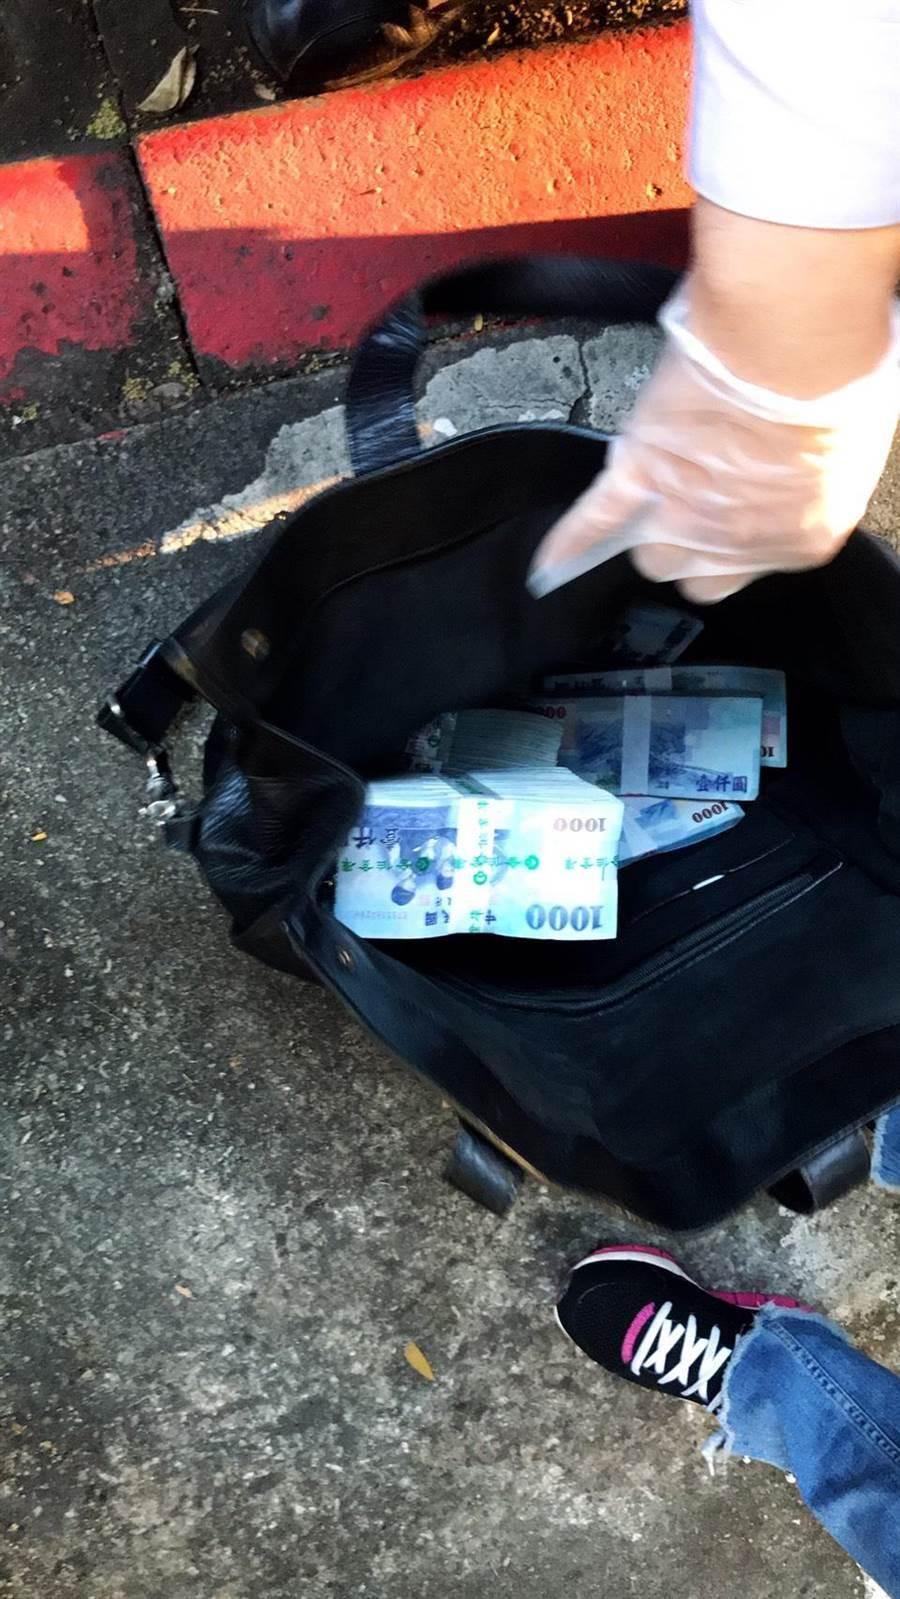 台北車站前12日下午驚傳假藉人民幣交易,設局行搶案件,警方已逮捕2嫌追回現金。〔謝明俊翻攝〕